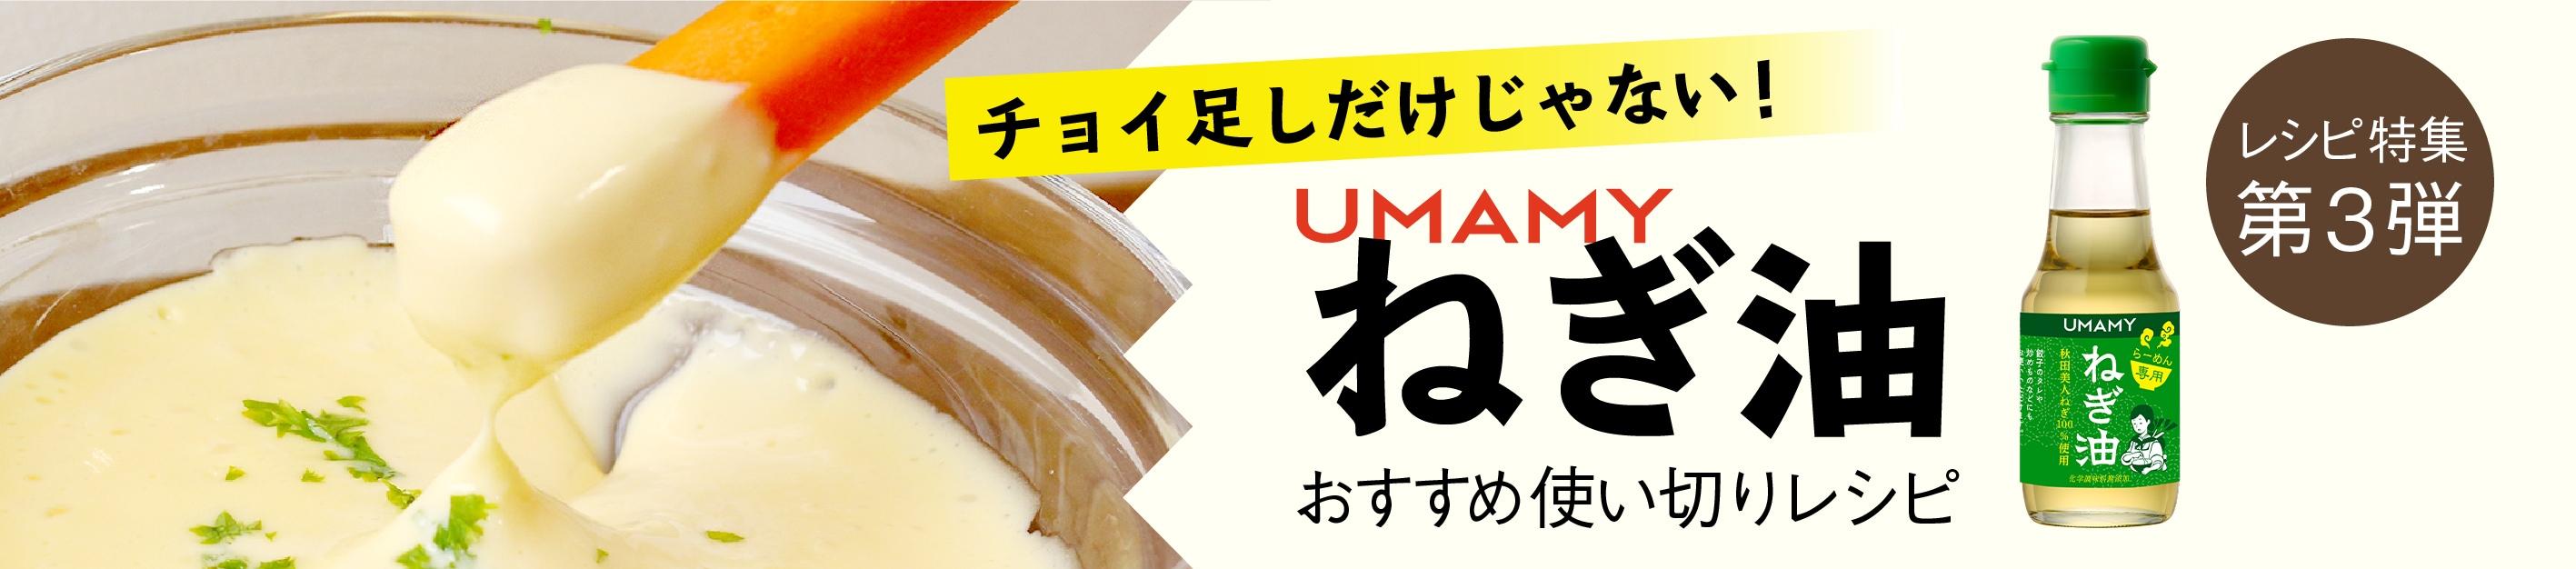 UMAMYねぎ油のアレンジレシピ